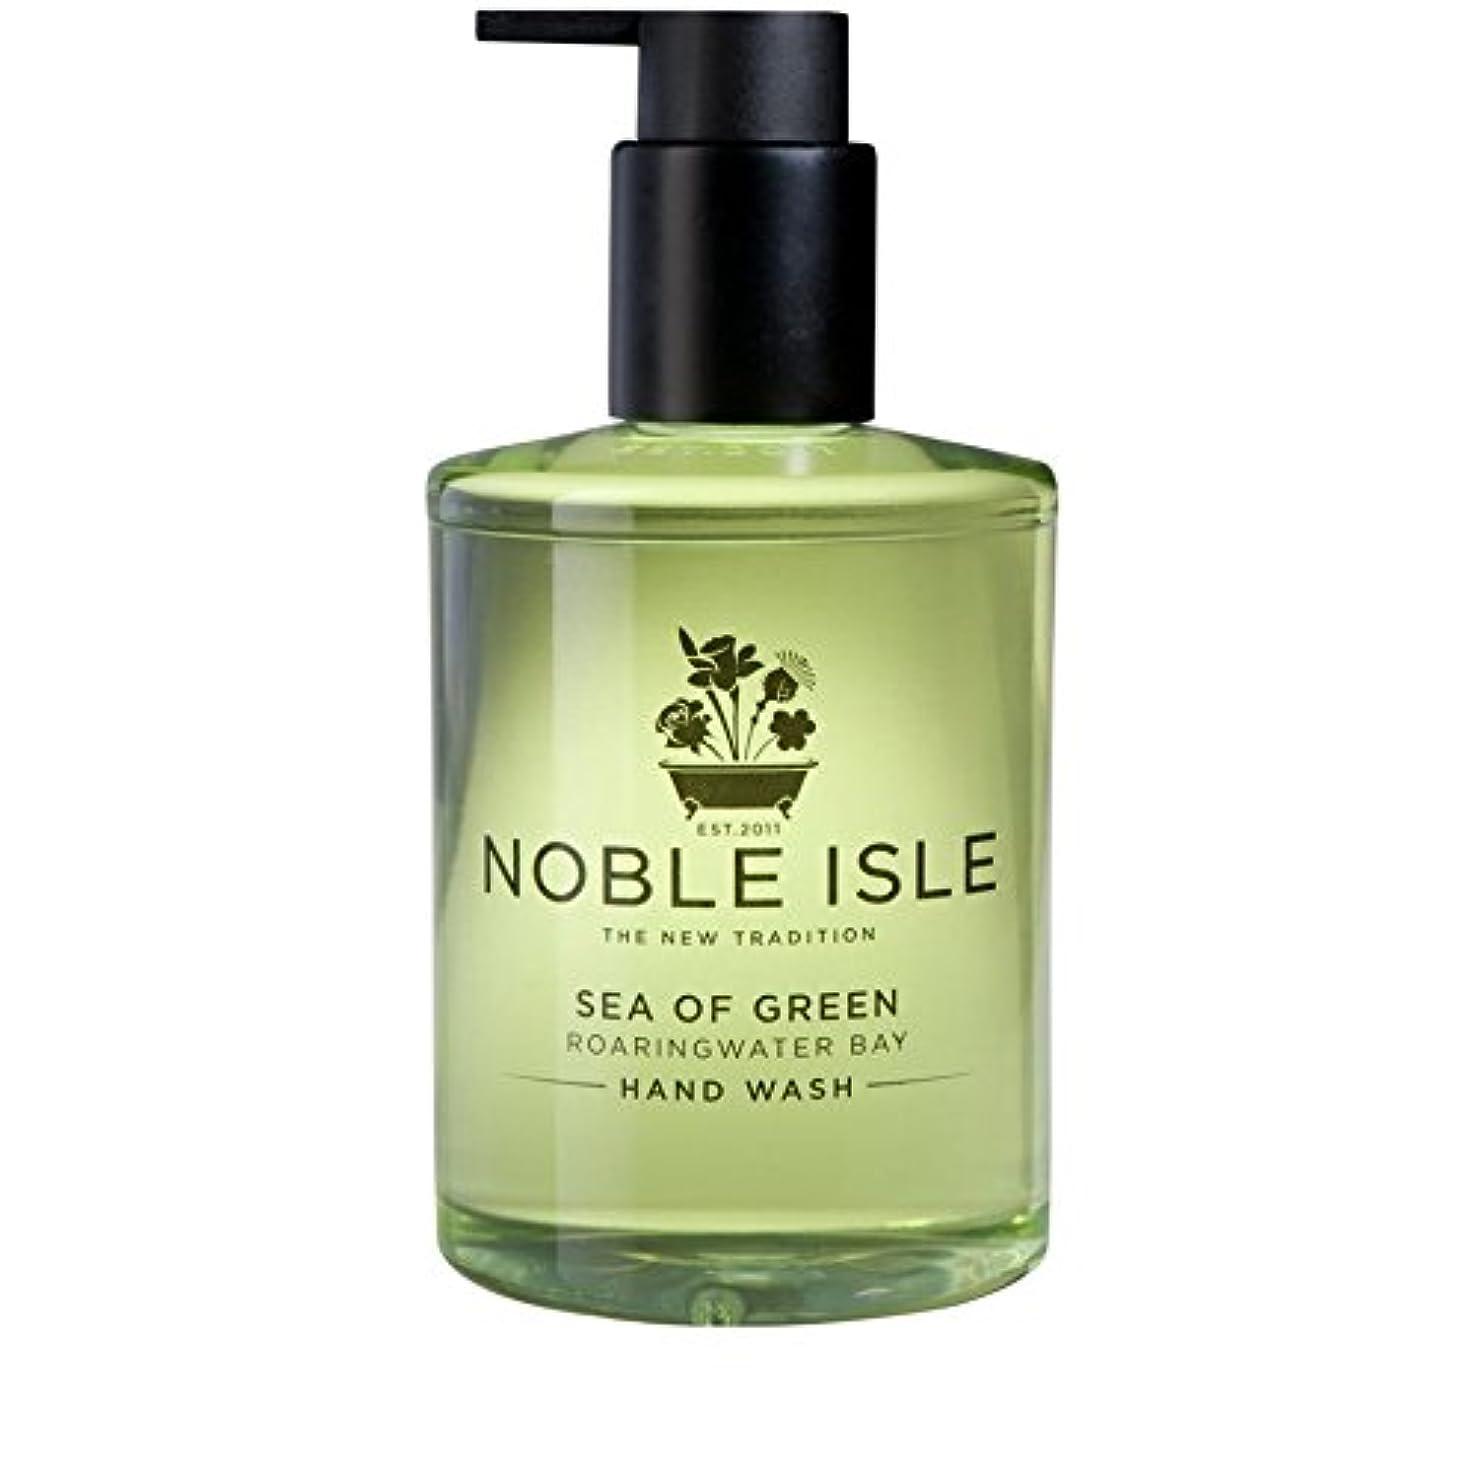 見捨てられた泥だらけ療法Noble Isle Sea of Green Roaringwater Bay Hand Wash 250ml (Pack of 6) - 緑ベイハンドウォッシュ250ミリリットルの高貴な島の海 x6 [並行輸入品]